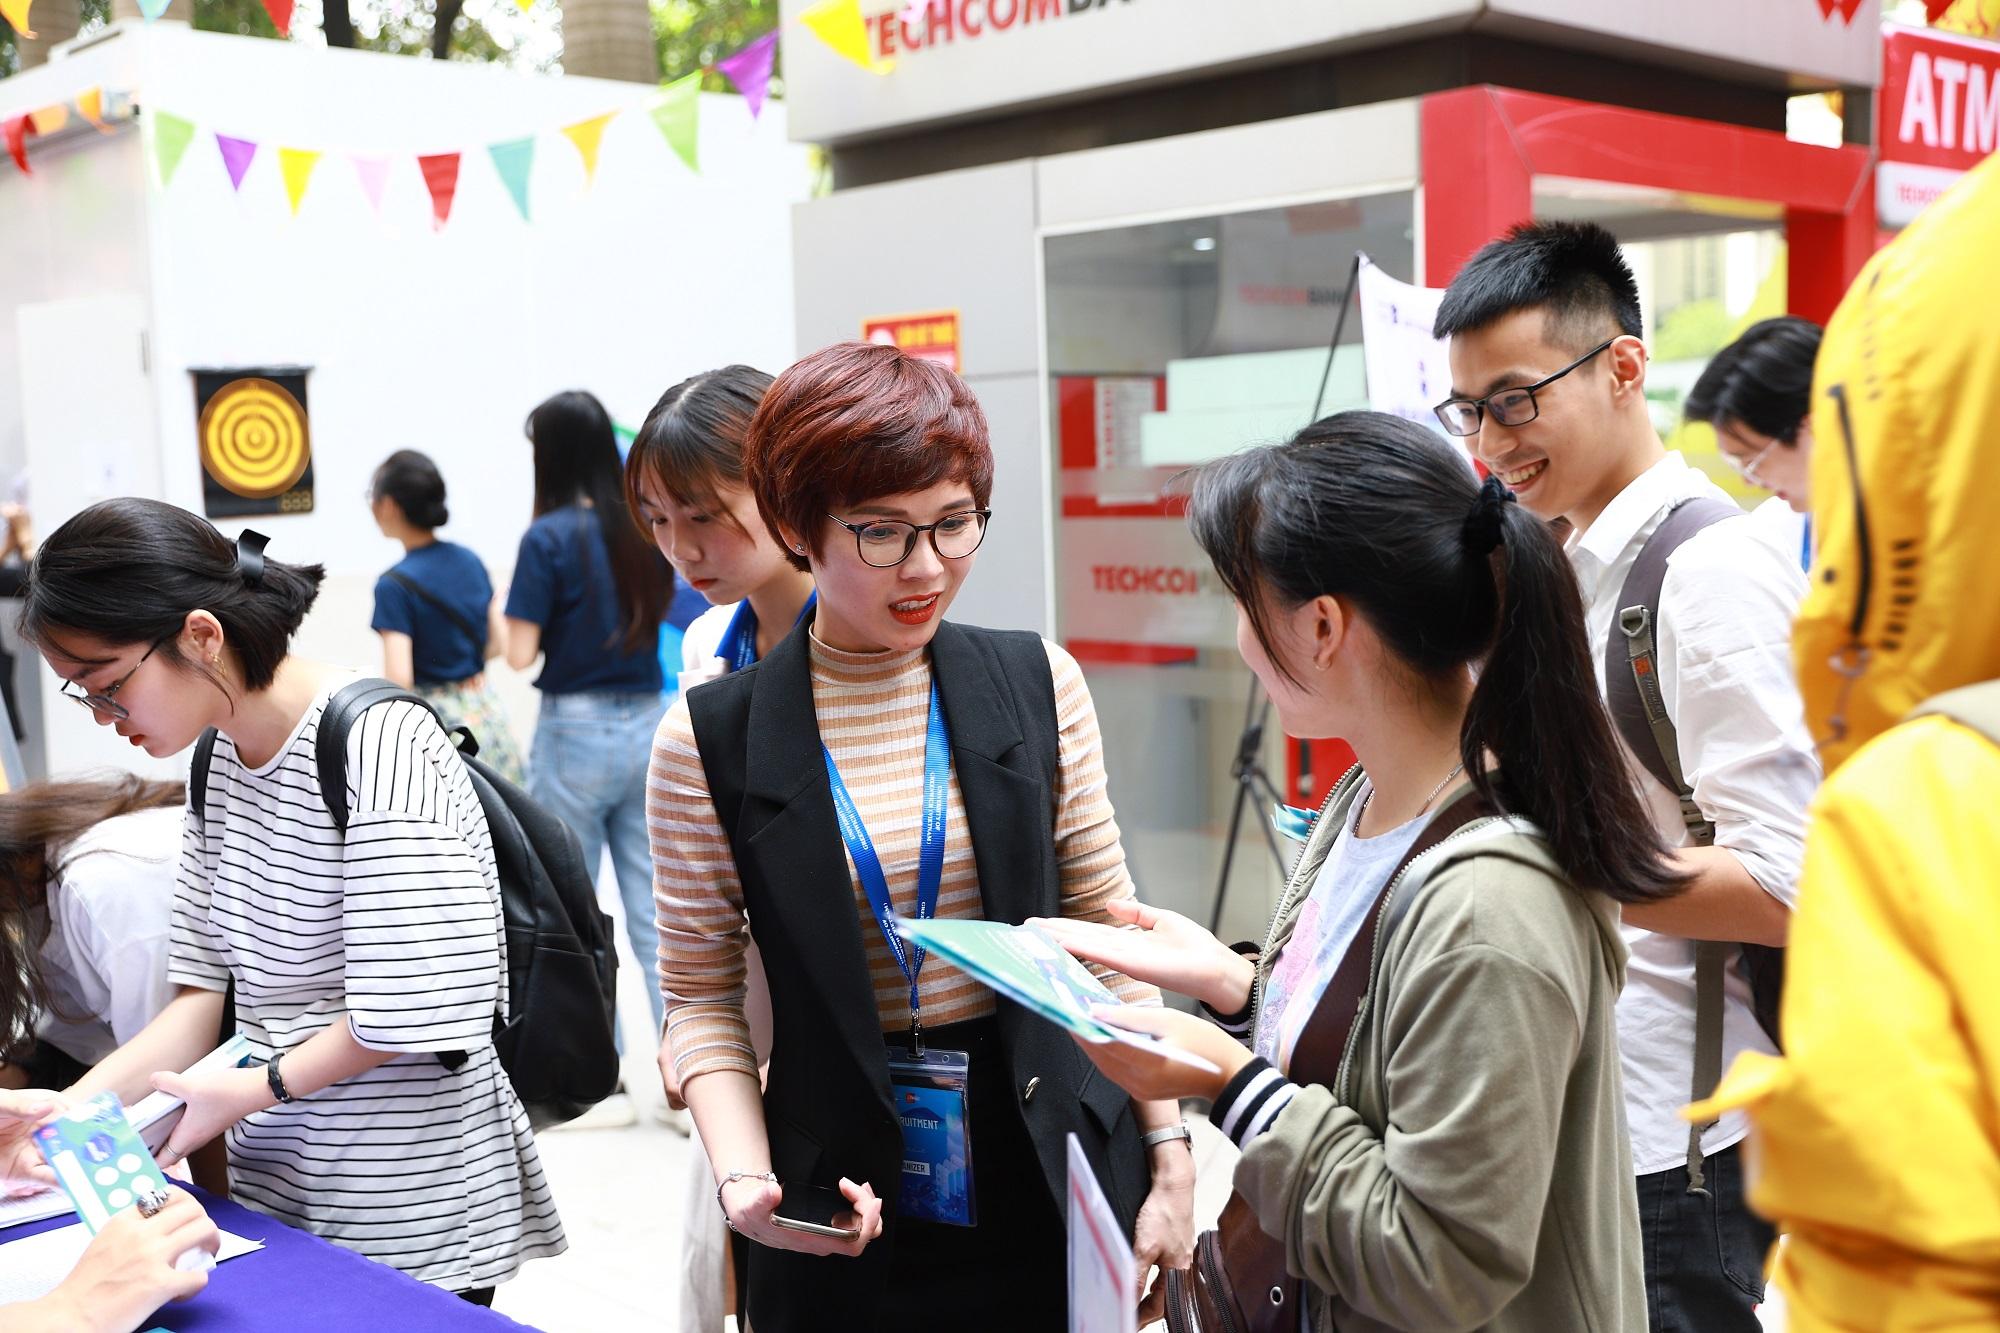 Tham gia sự kiện từ sớm, nhiều sinh viên đã chủ động hỏi thông tin tuyển dụng của các doanh nghiệp.